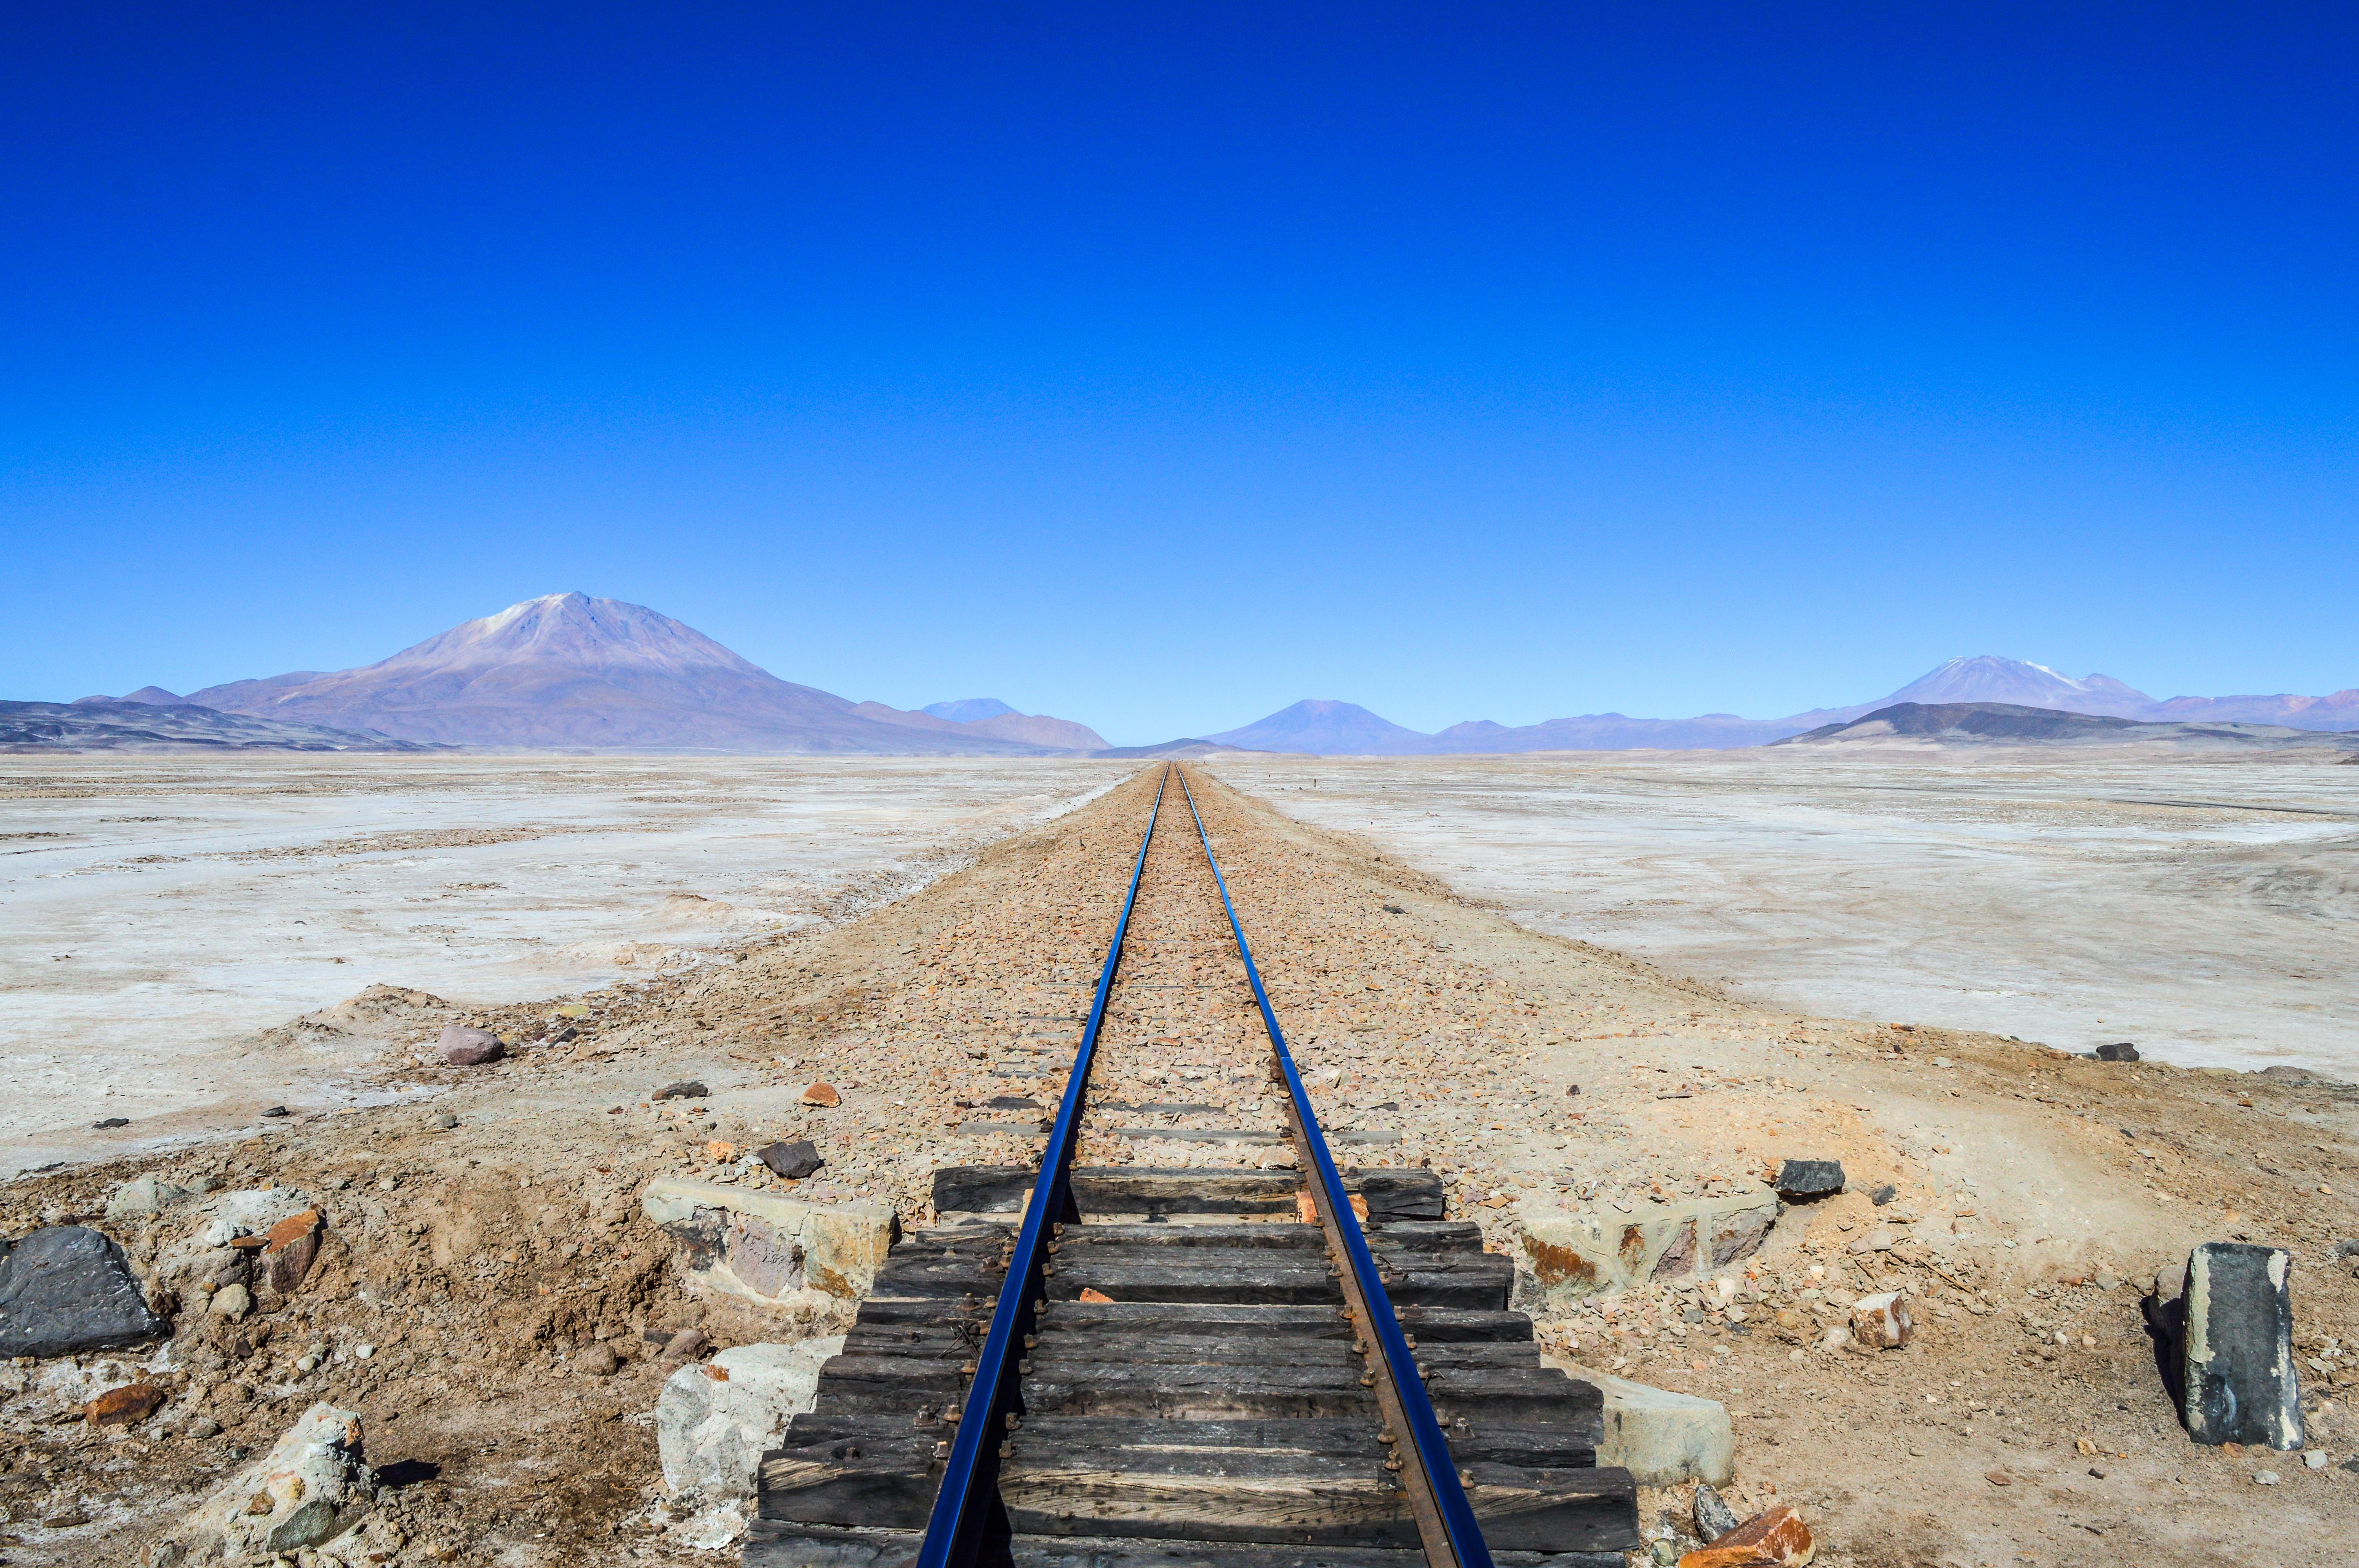 Explora el cementerio de trenes a tu aire - Bolivia Gran Viaje Lo mejor de Bolivia